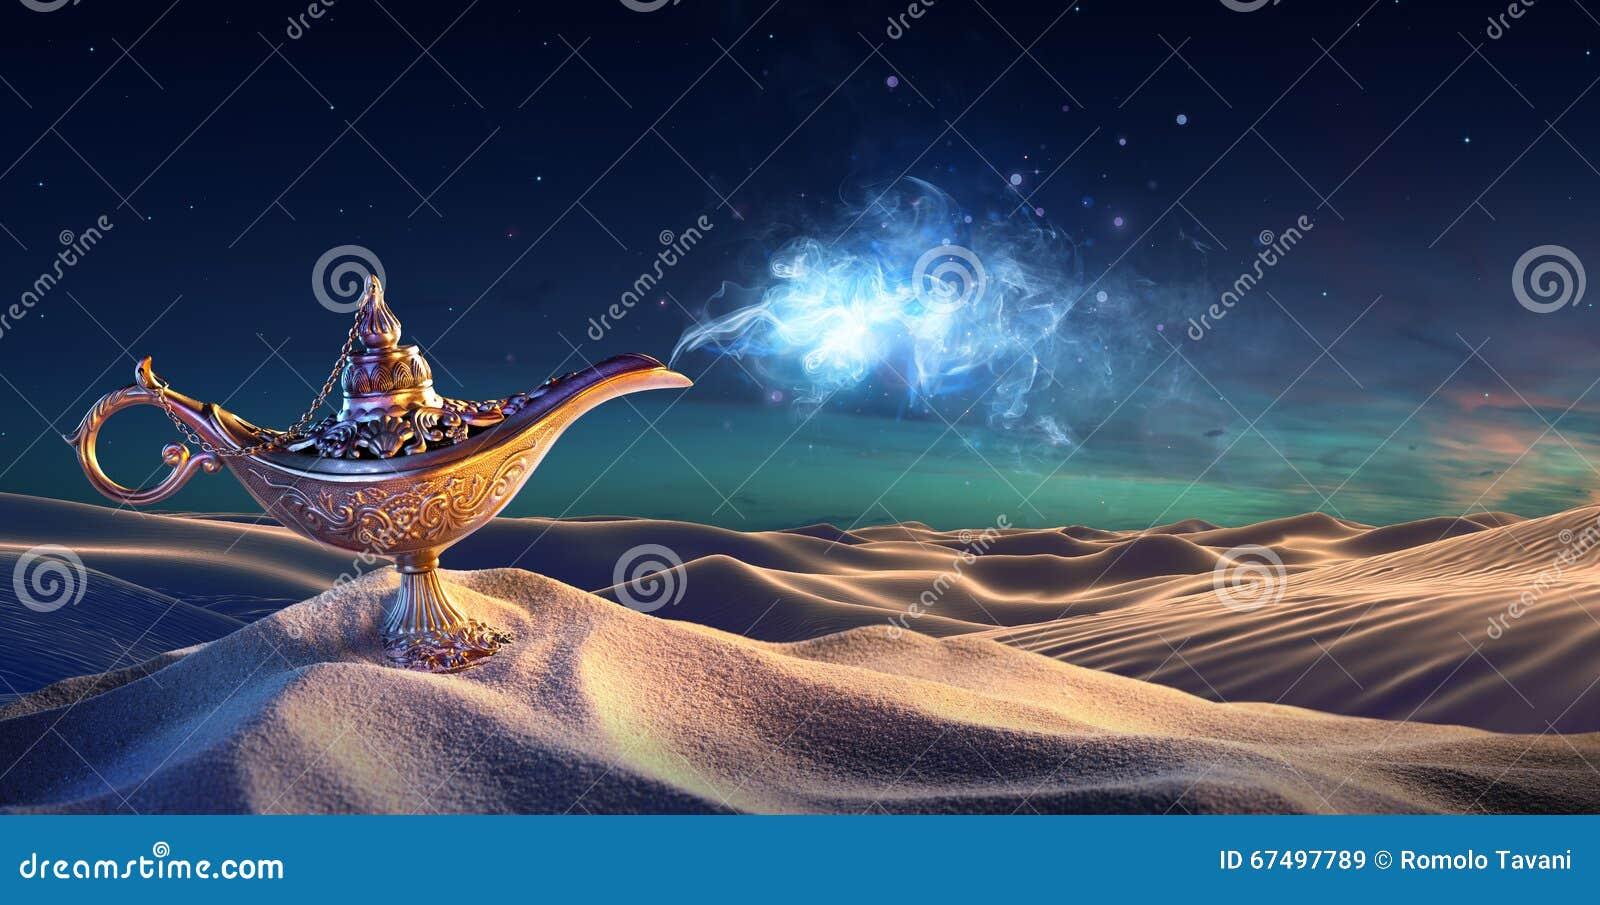 愿望灯在沙漠-出来的灵魔